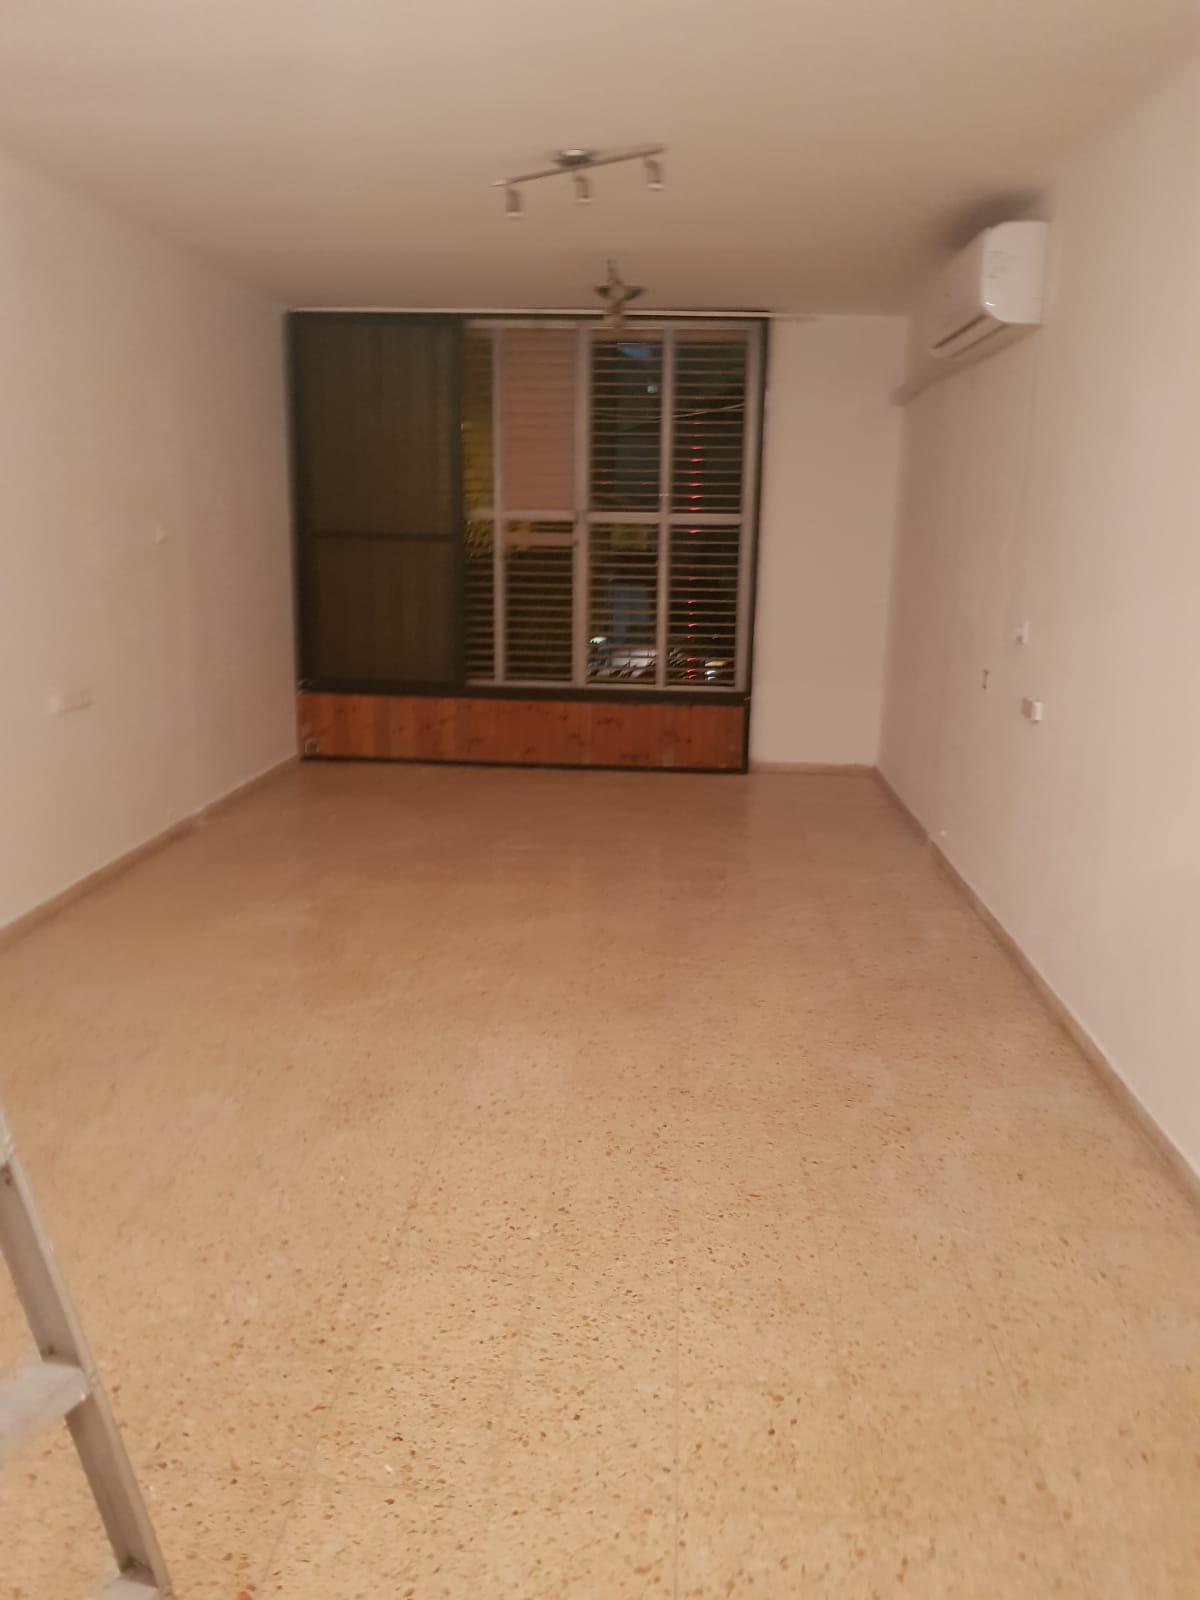 תמונה 3 ,דירה 4 חדרים רוטשילד ביהח השרון פתח תקווה